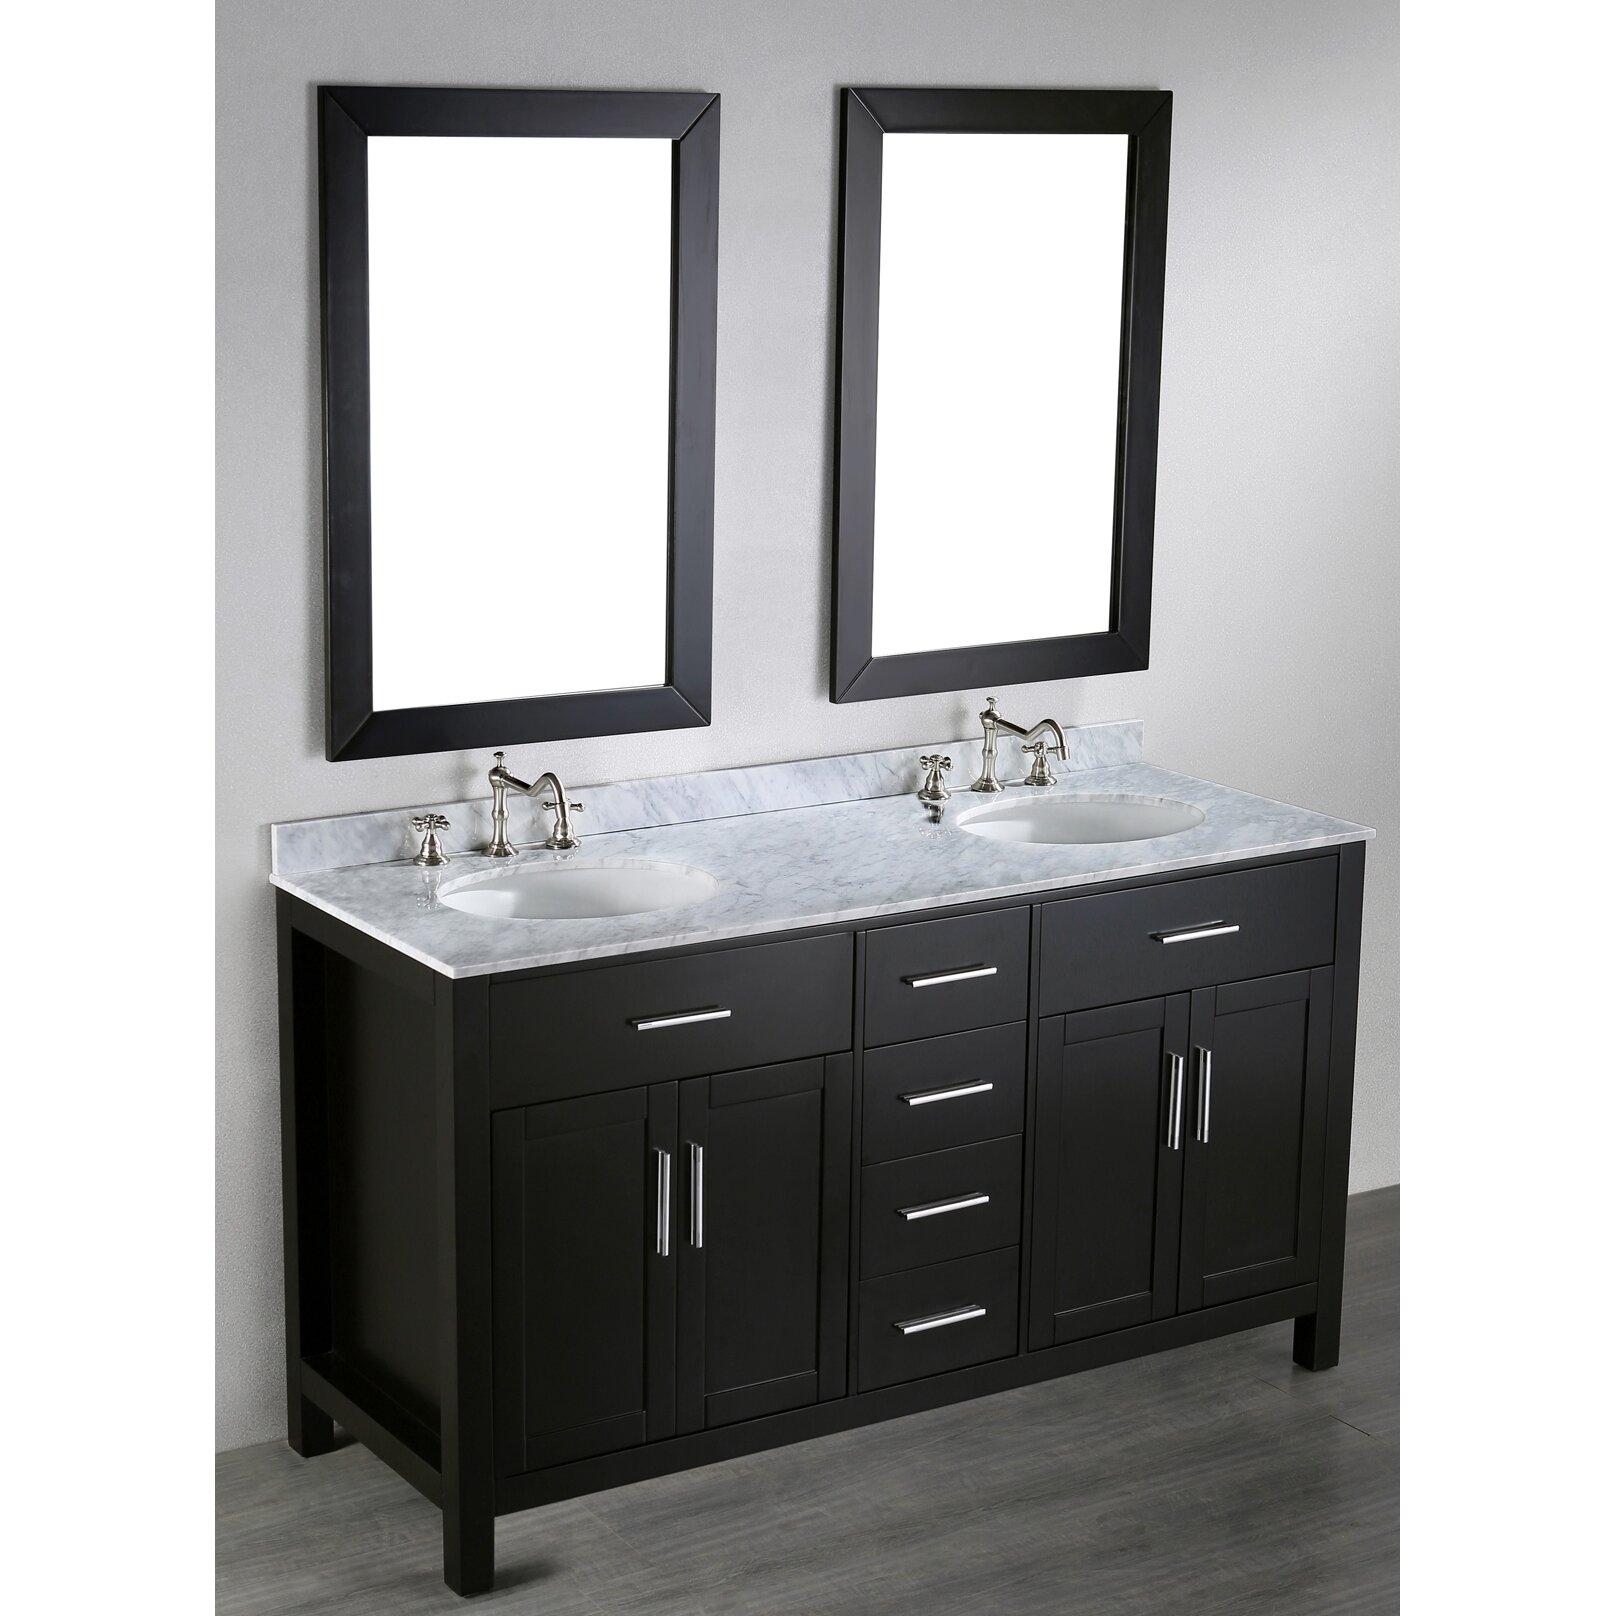 Bosconi Contemporary 60 Double Bathroom Vanity Set With Mirror Reviews Wayfair